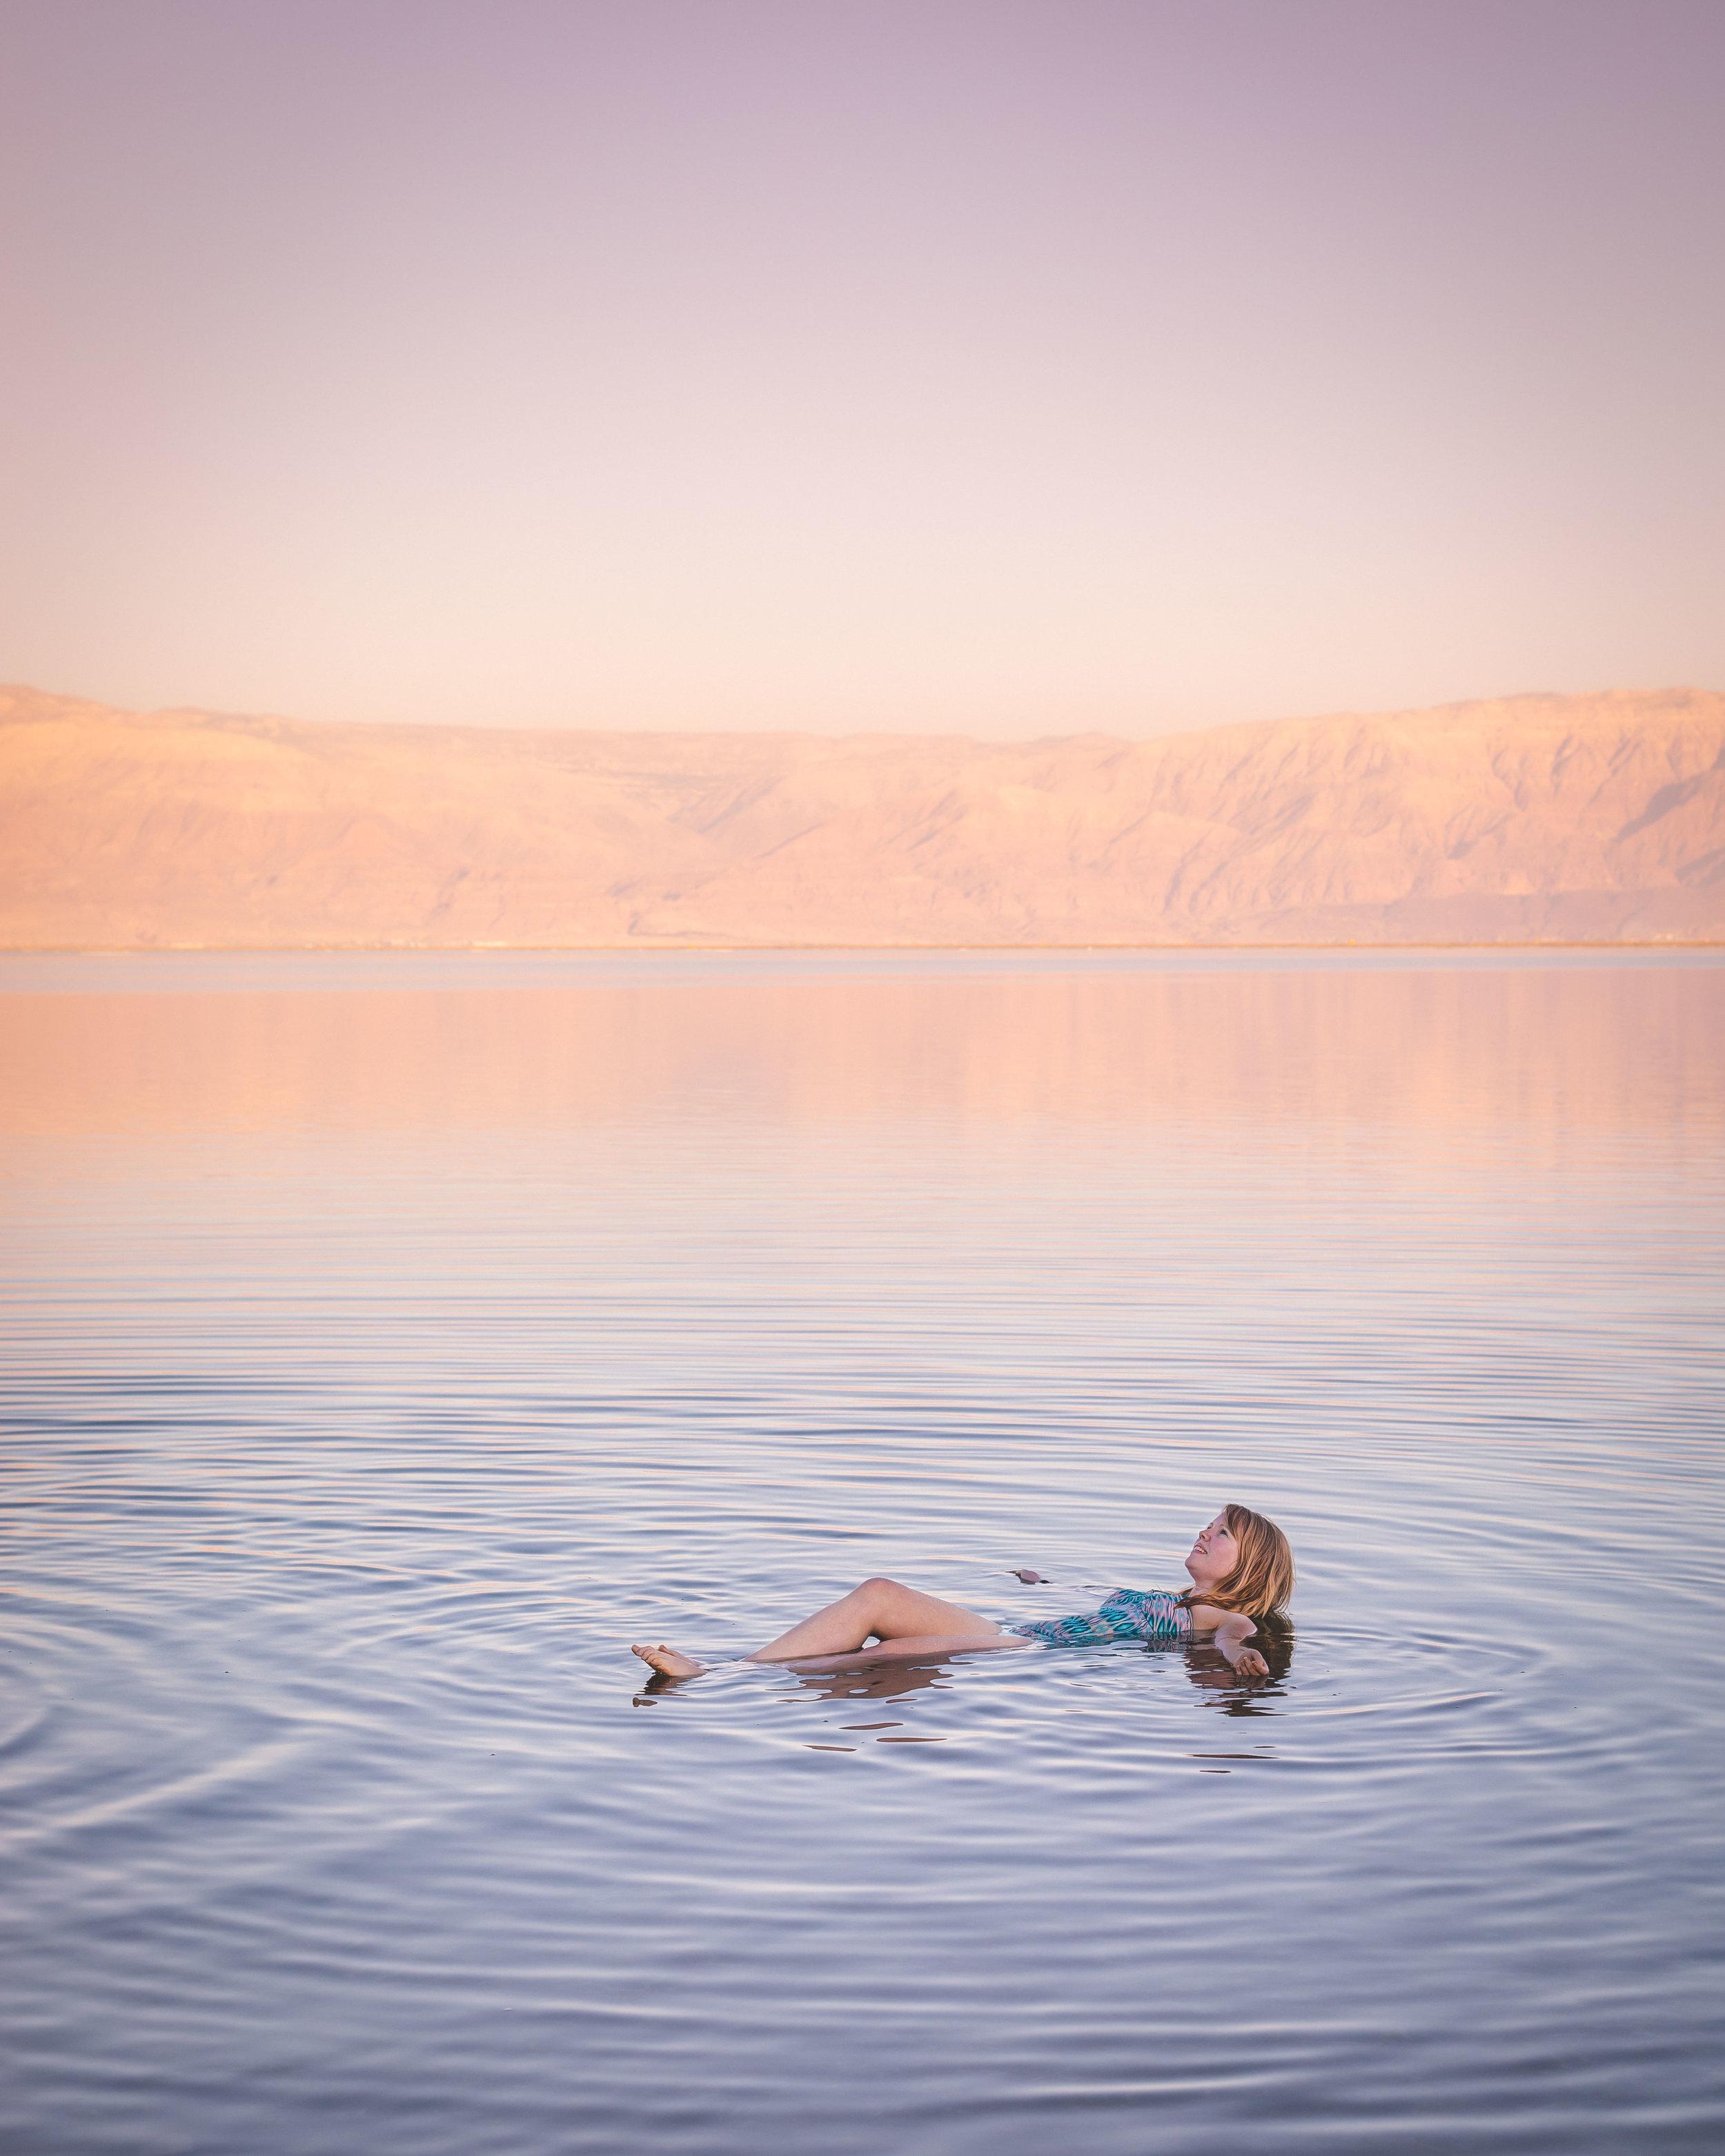 Instagrammable Israel - Dead Sea